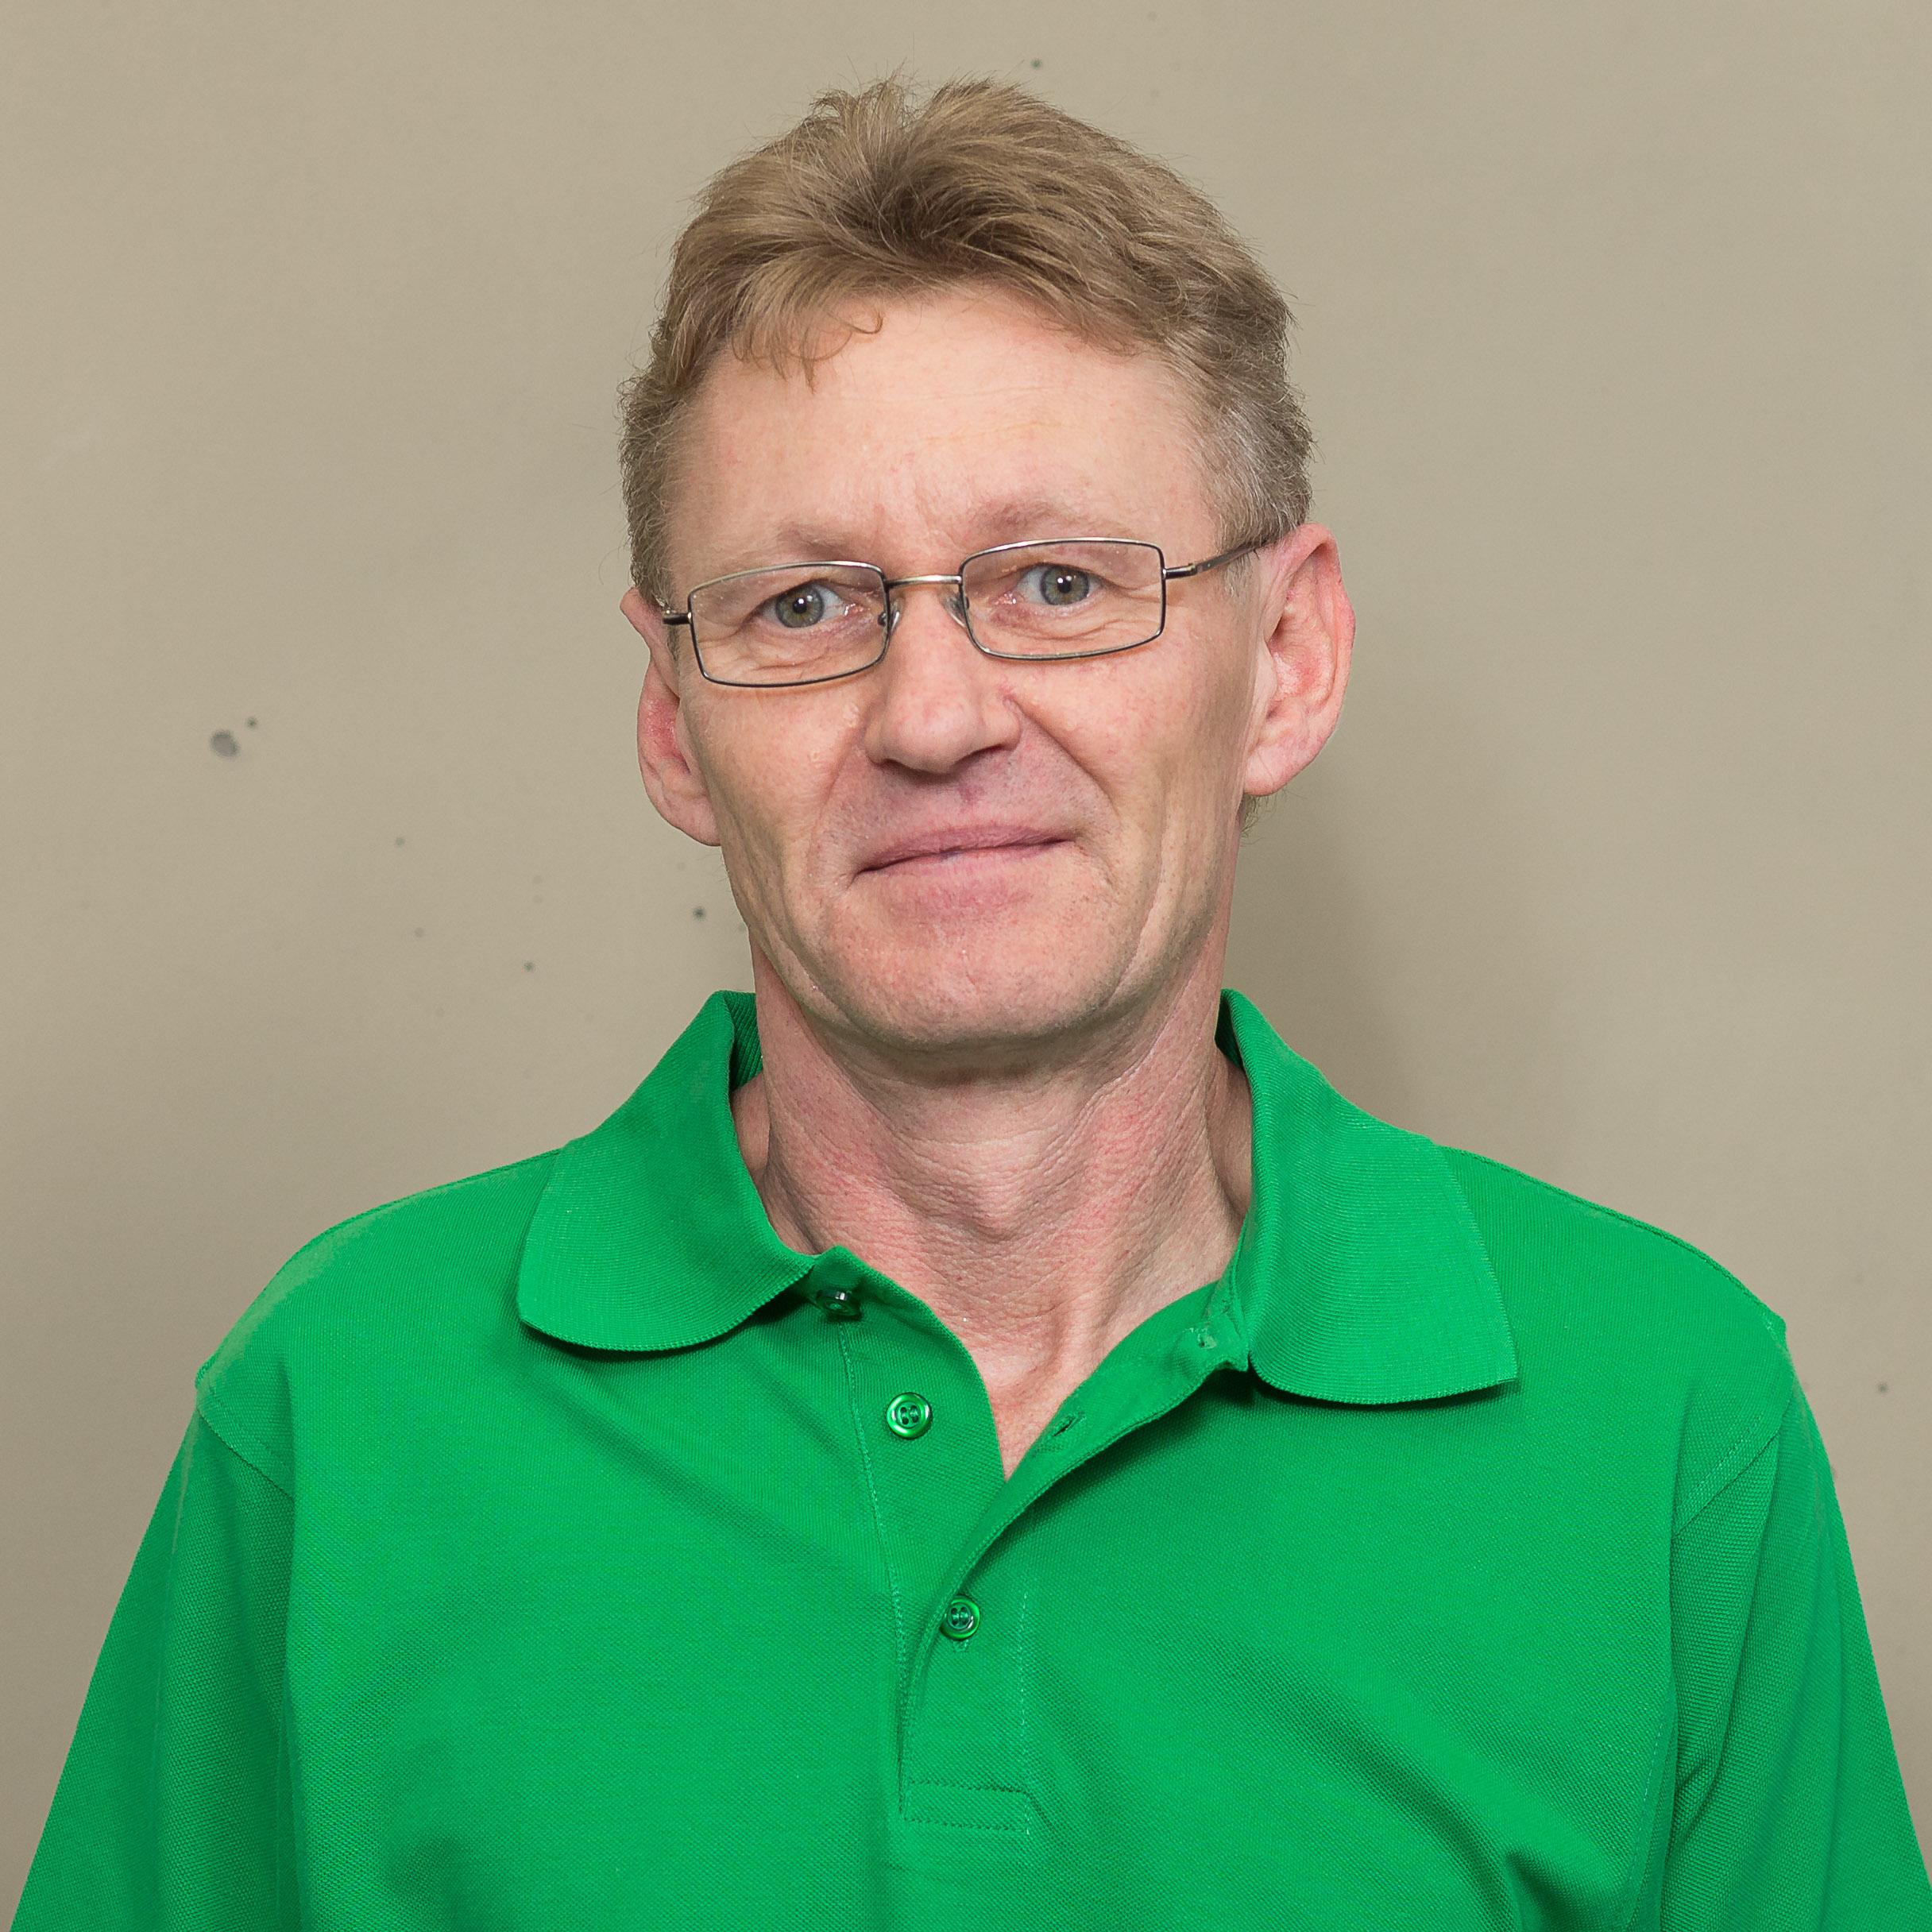 Bernhard Poetsch